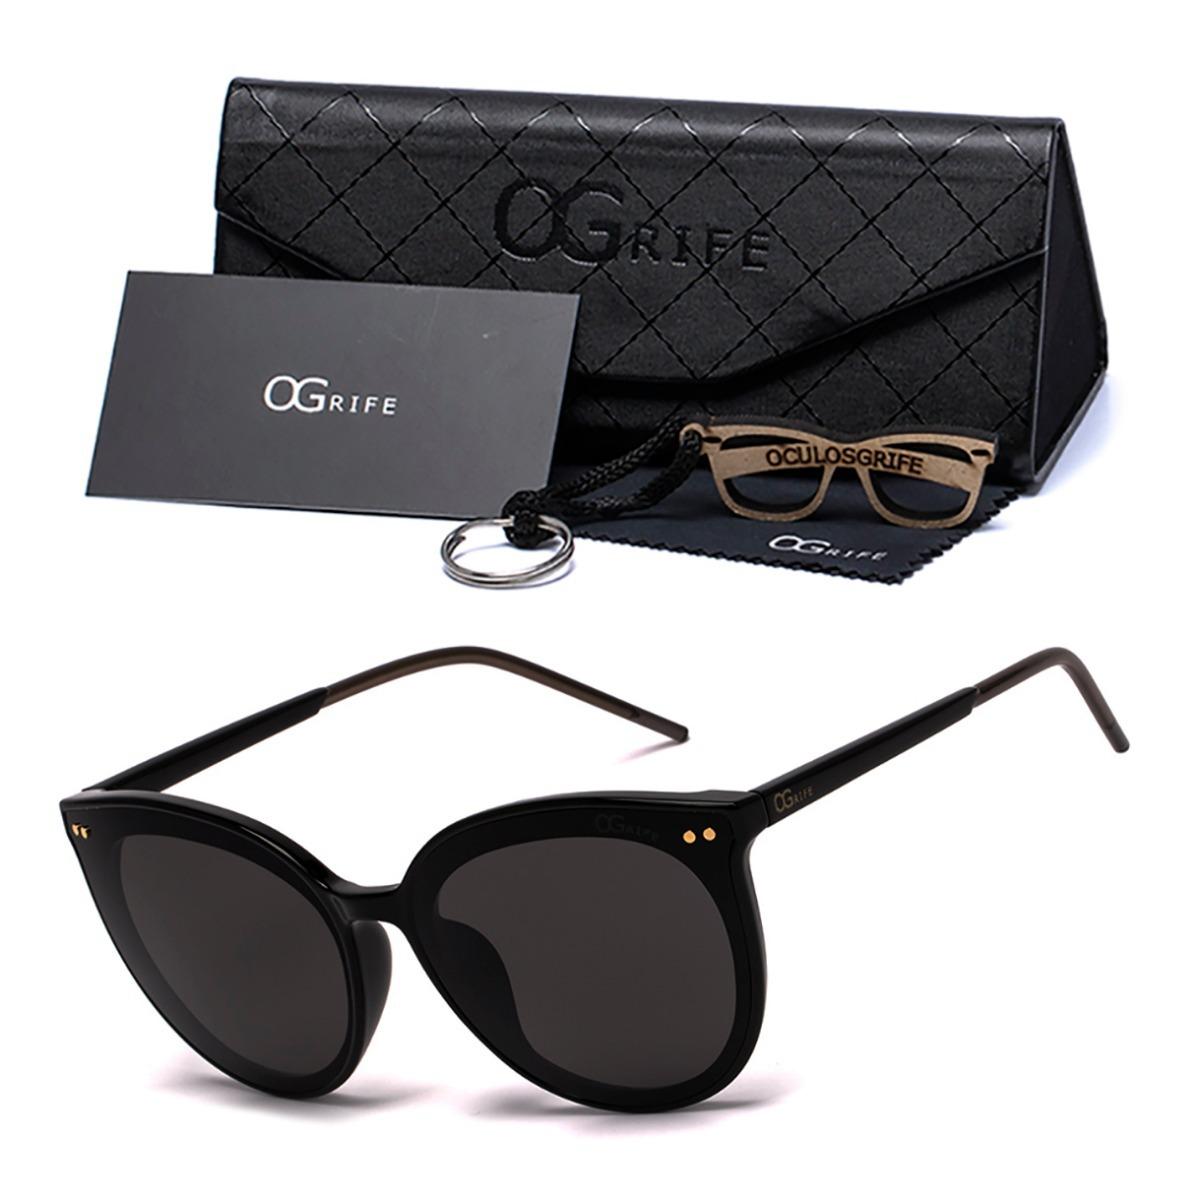 d00a87a354803 oculos ogrife solar feminino og 1380-c proteção uv original. Carregando zoom .